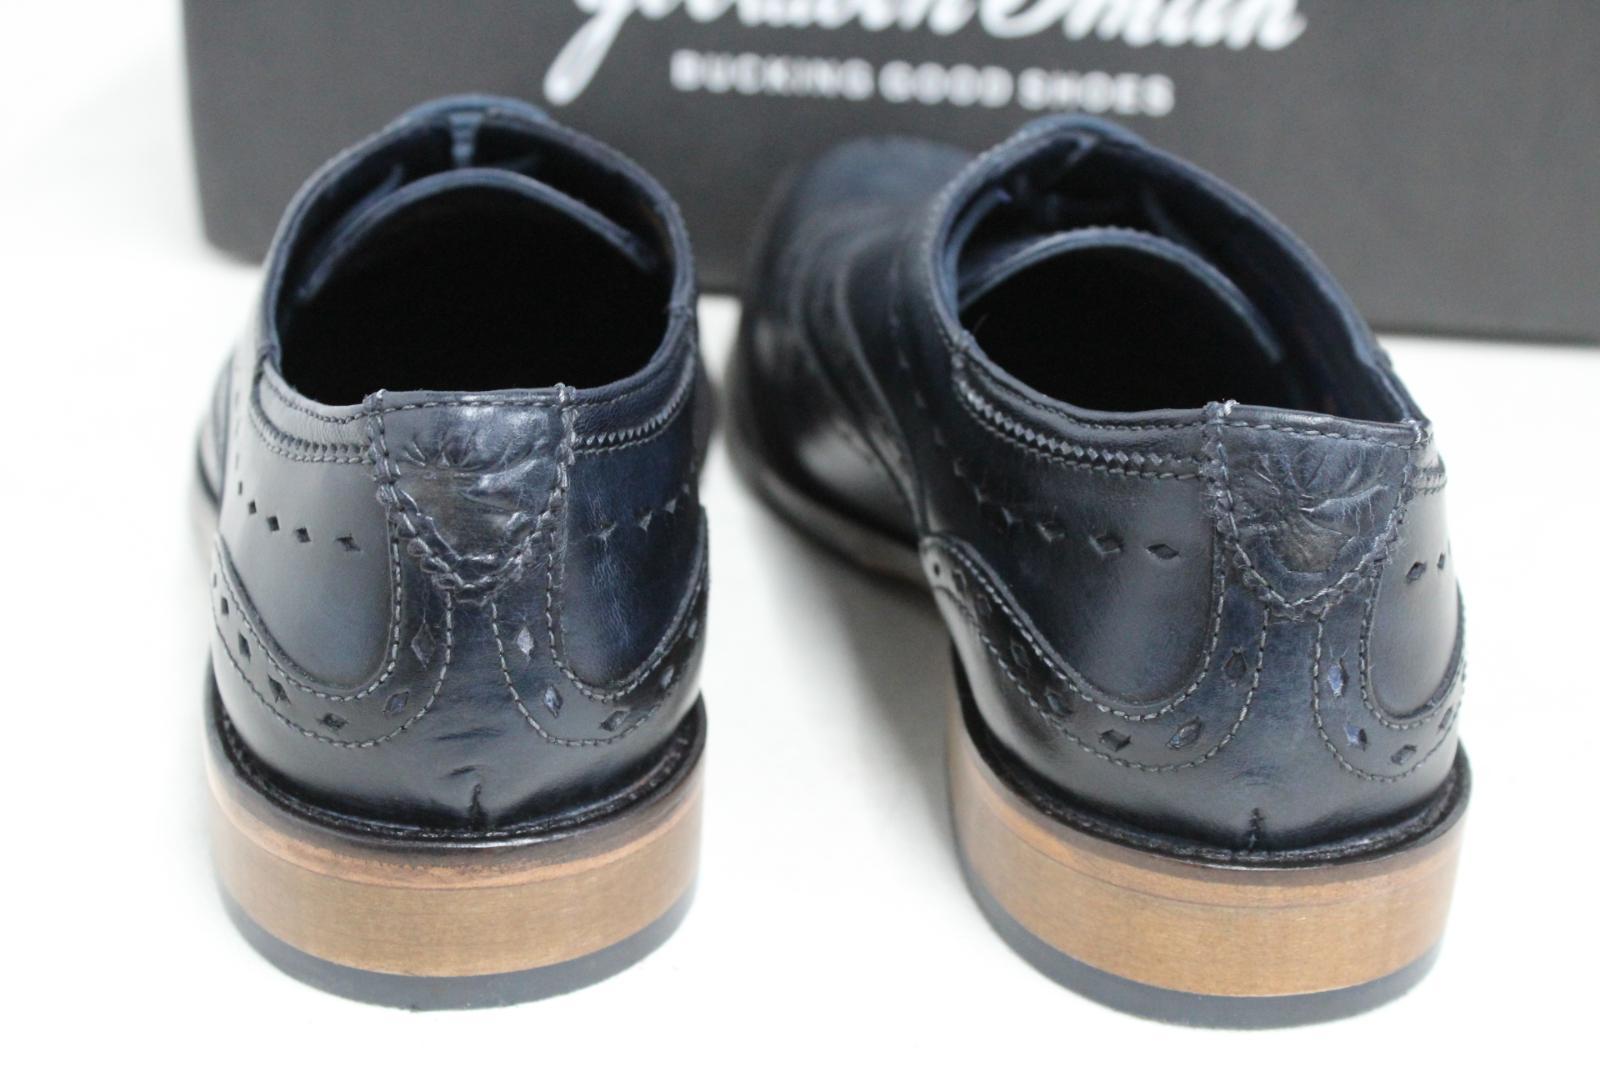 GOODWIN-para-hombre-Azul-Marino-Bowland-SMITH-Cuero-Oxford-Zapatos-UK-7-EU41-Nuevo miniatura 9